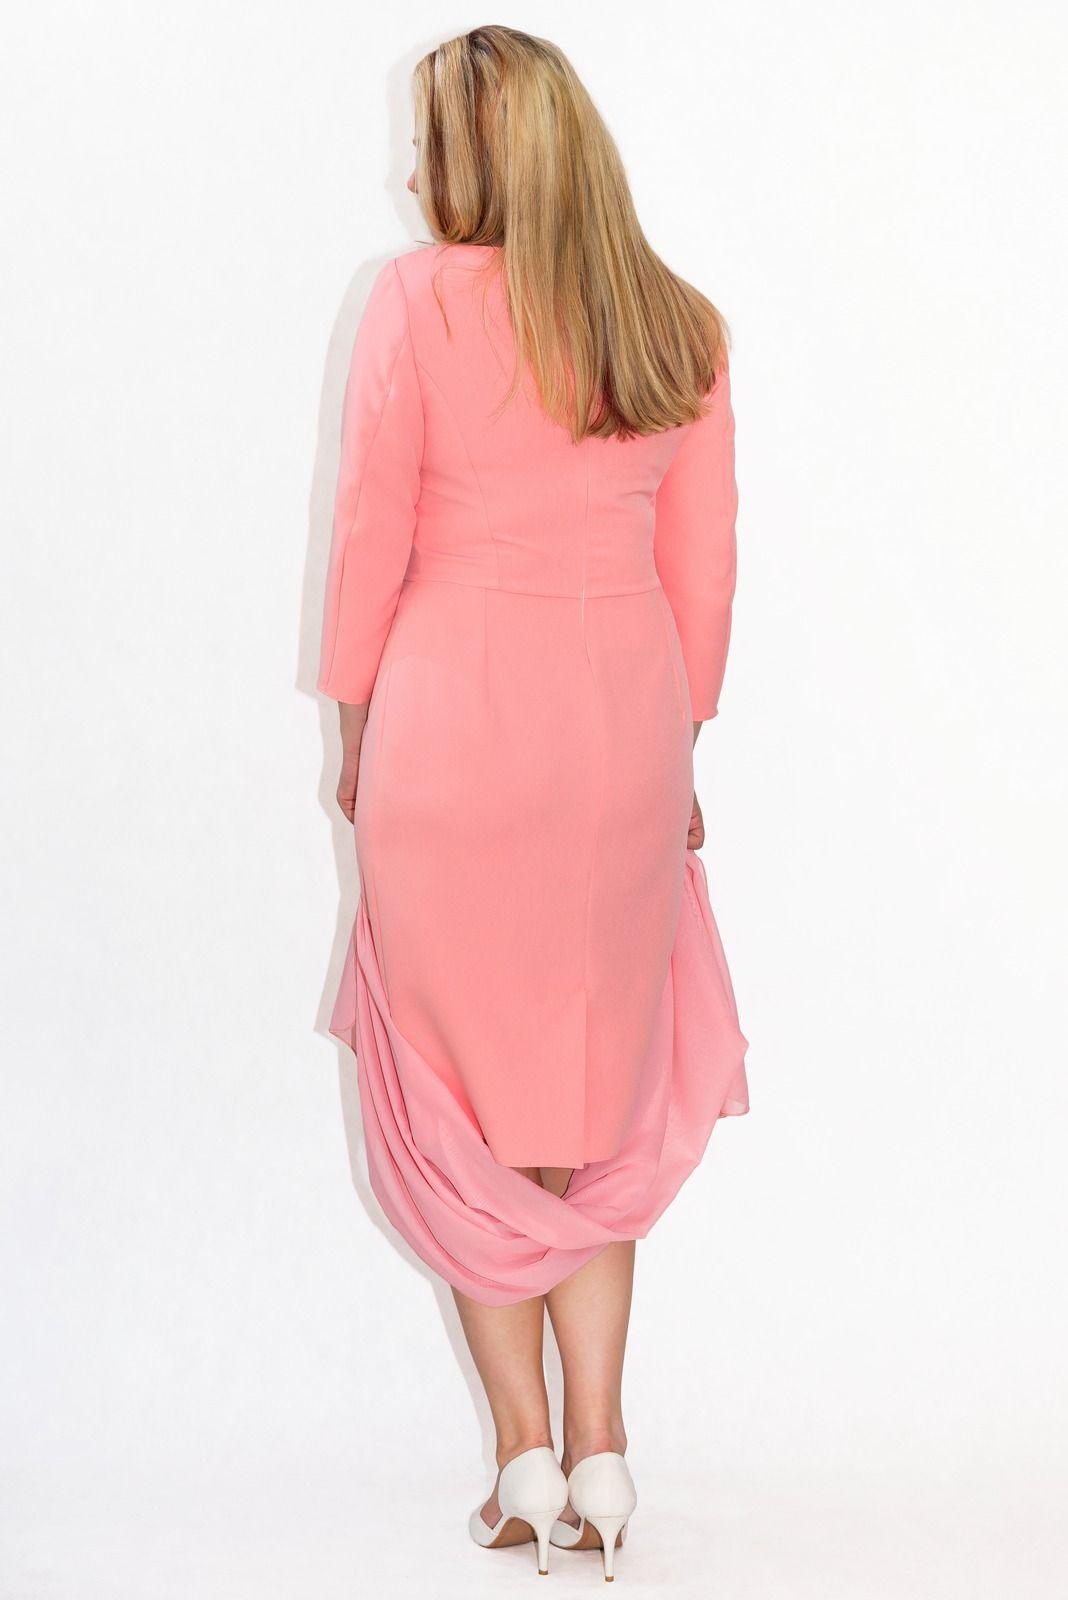 823b3fdbf6 Elegancka sukienka XXL AVA 40-60 duże rozmiary PLUS SIZE KOLORY ...